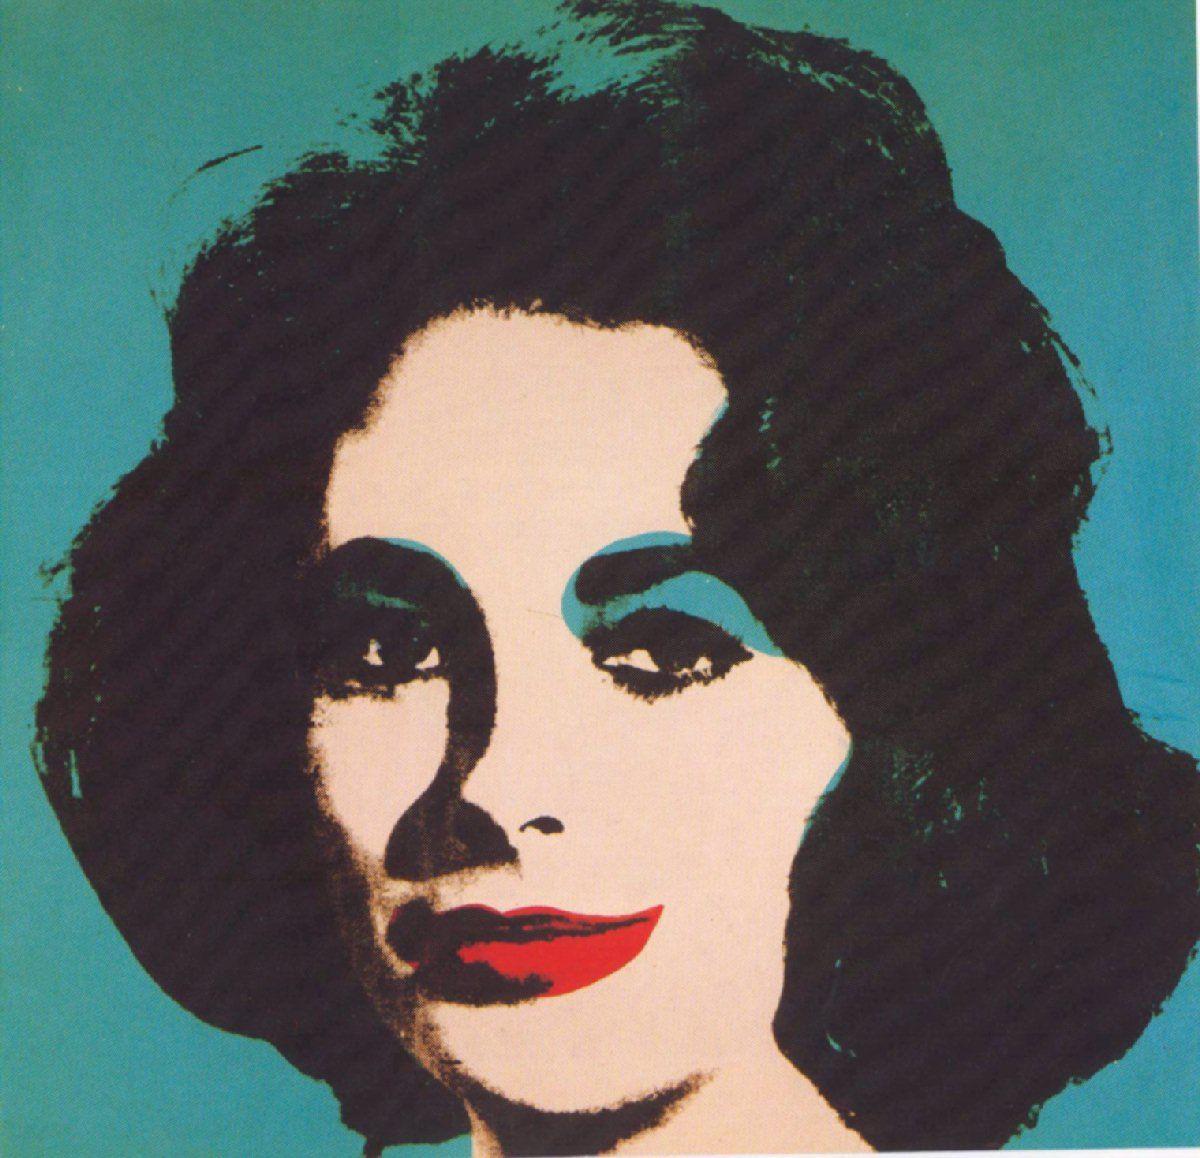 Llega la obra de Andy Warhol a la CDMX